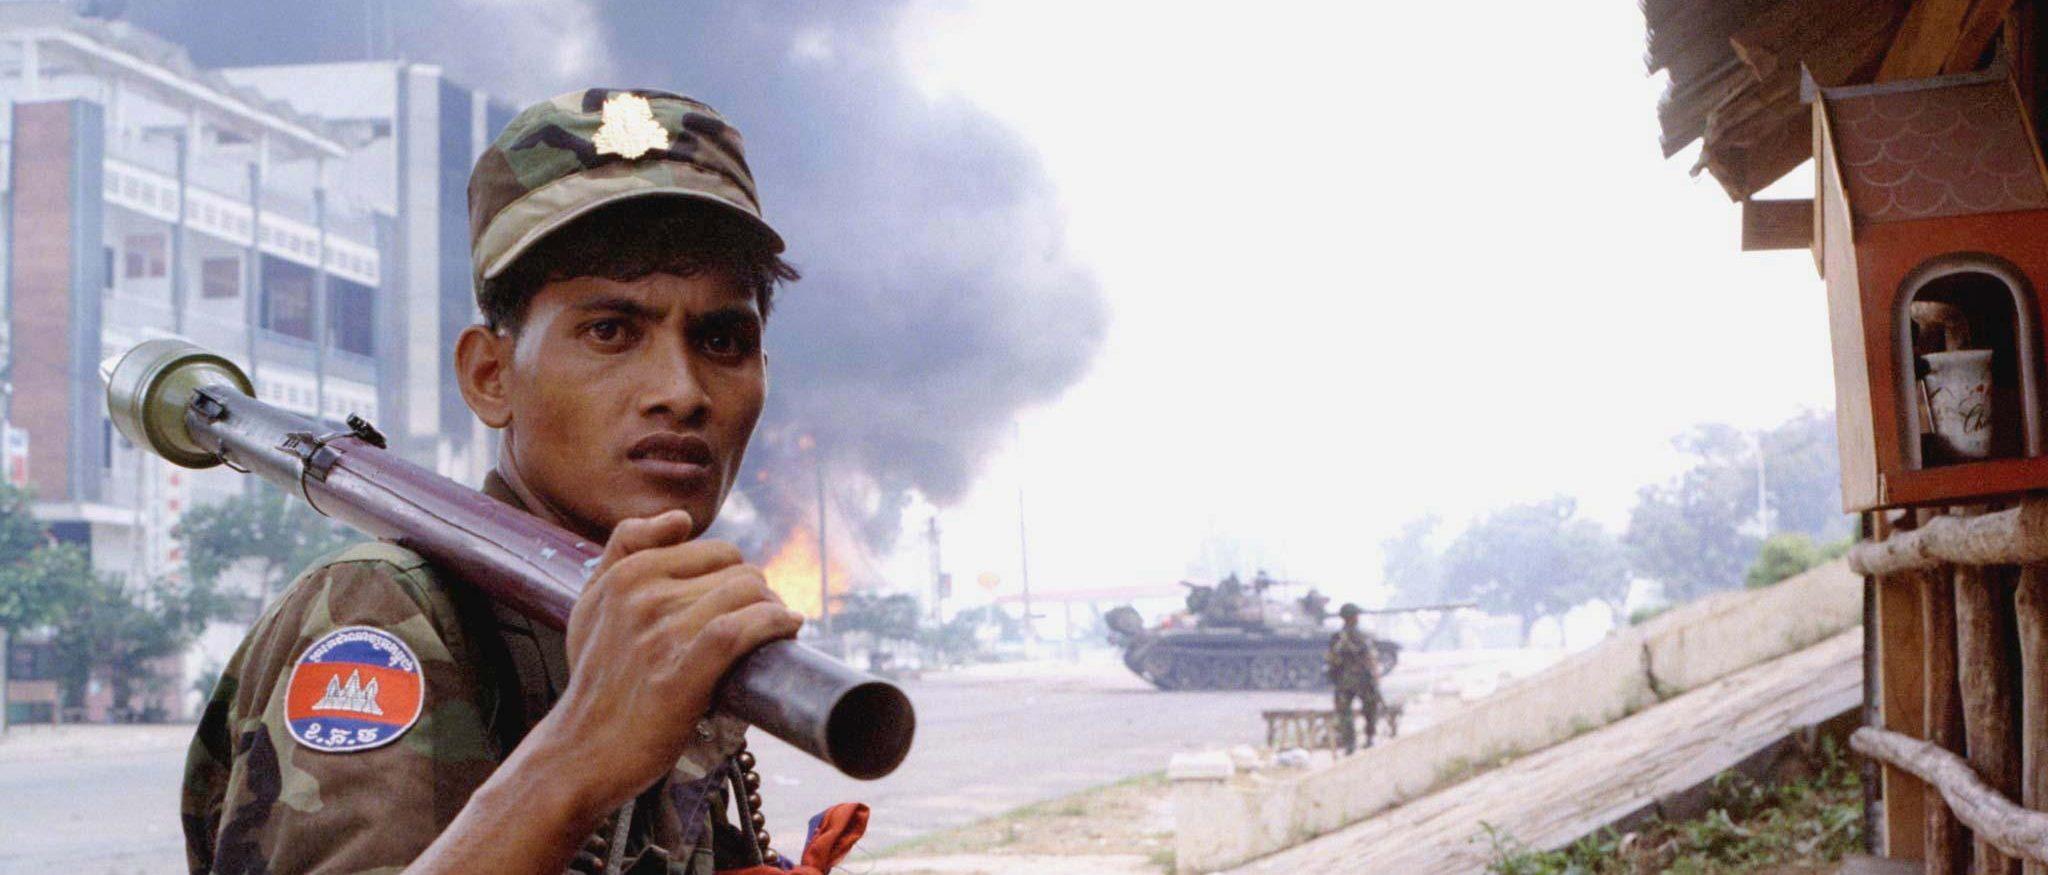 Un soldat cambodgien loyal au second premier ministre Hun Sen le 6 juillet 1997 à Phnom Penh. (Source : Cambodia Daily)